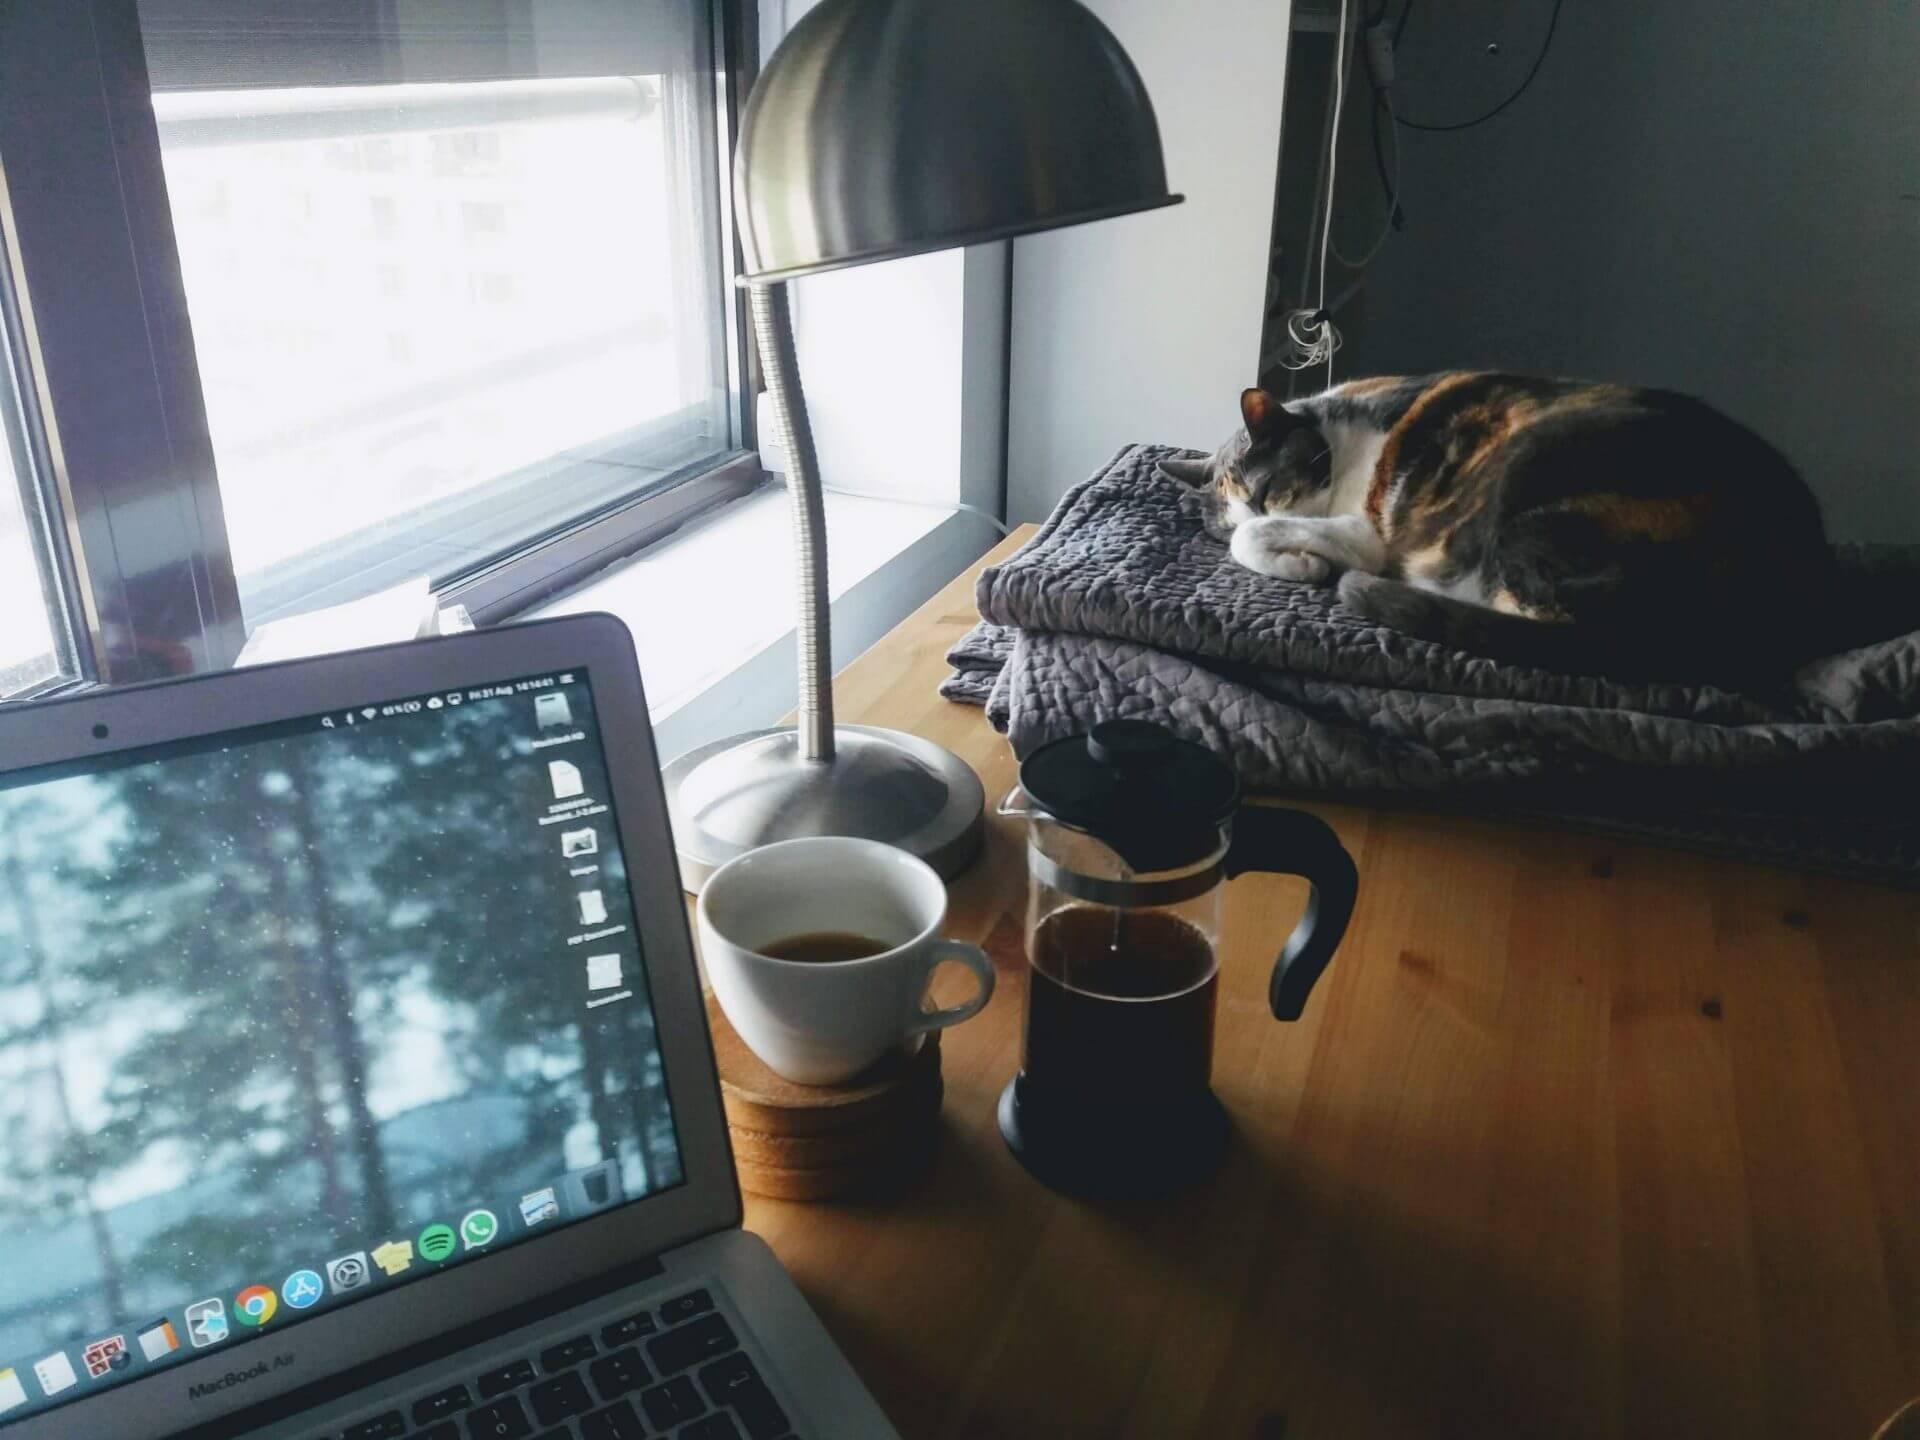 【朝の習慣】ヤル気が溢れるイイ行動、ダメな行動3選/朝活は人生